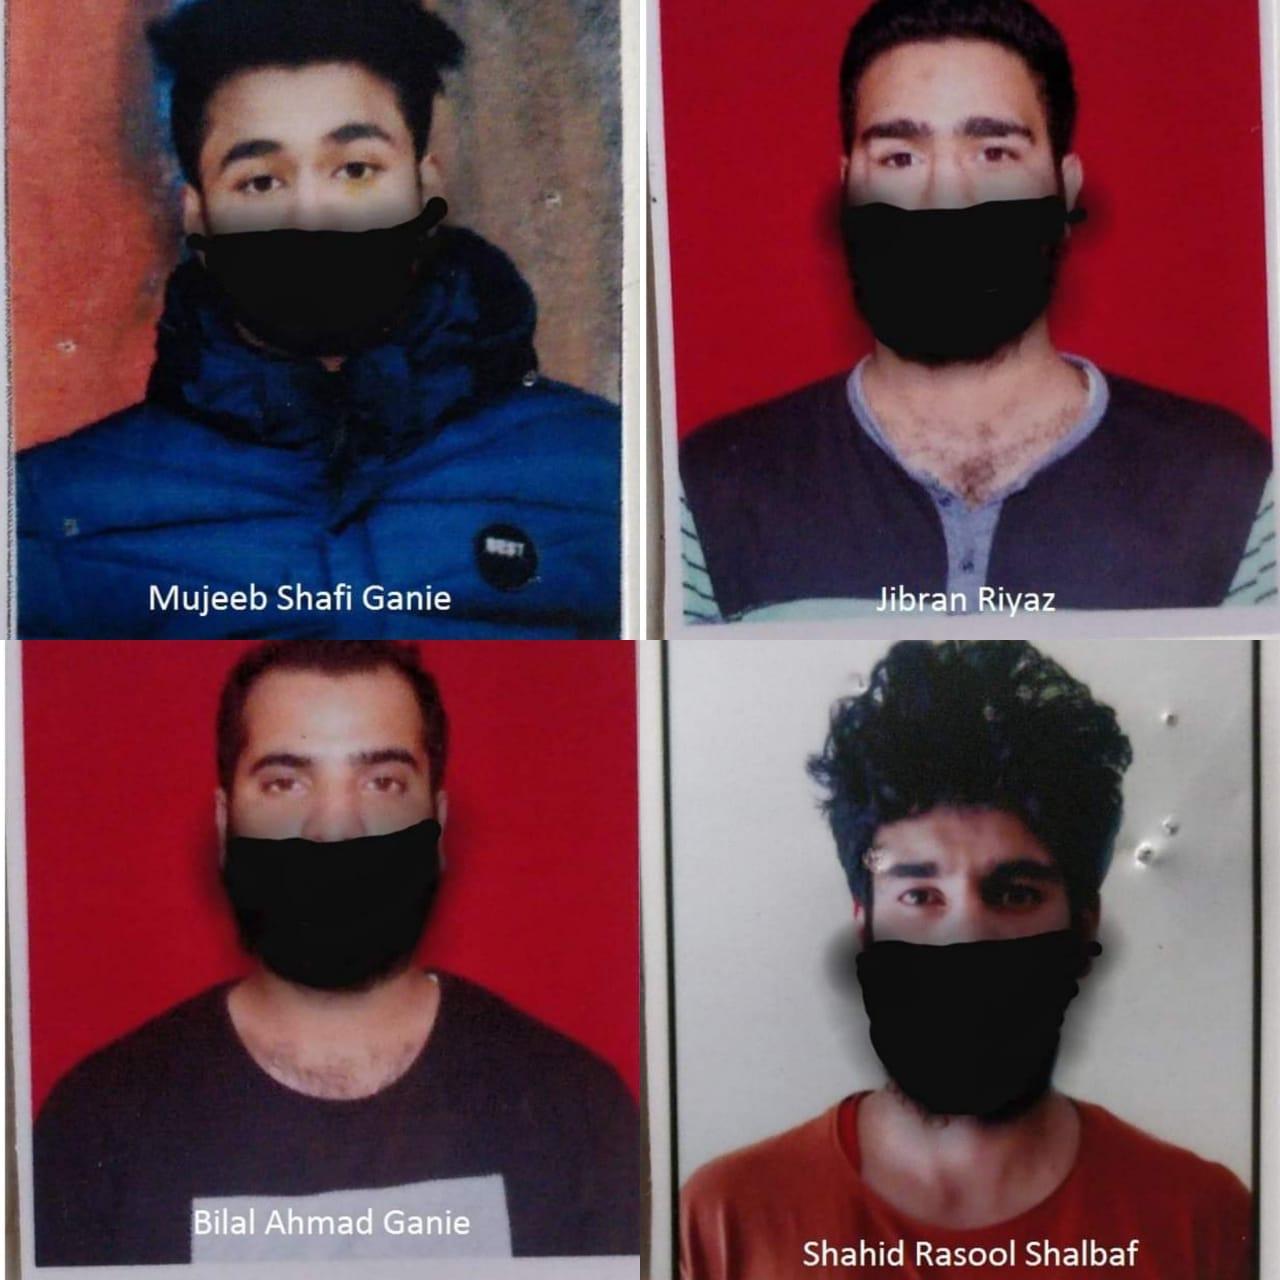 श्रीनगर पुलिस ने पंडाच मिलिटेंट अटैक को सुलझाया, 05 आरोपी गिरफ्तार, 02 एम्बुलेंस और 02 दोपहिया वाहन जब्त